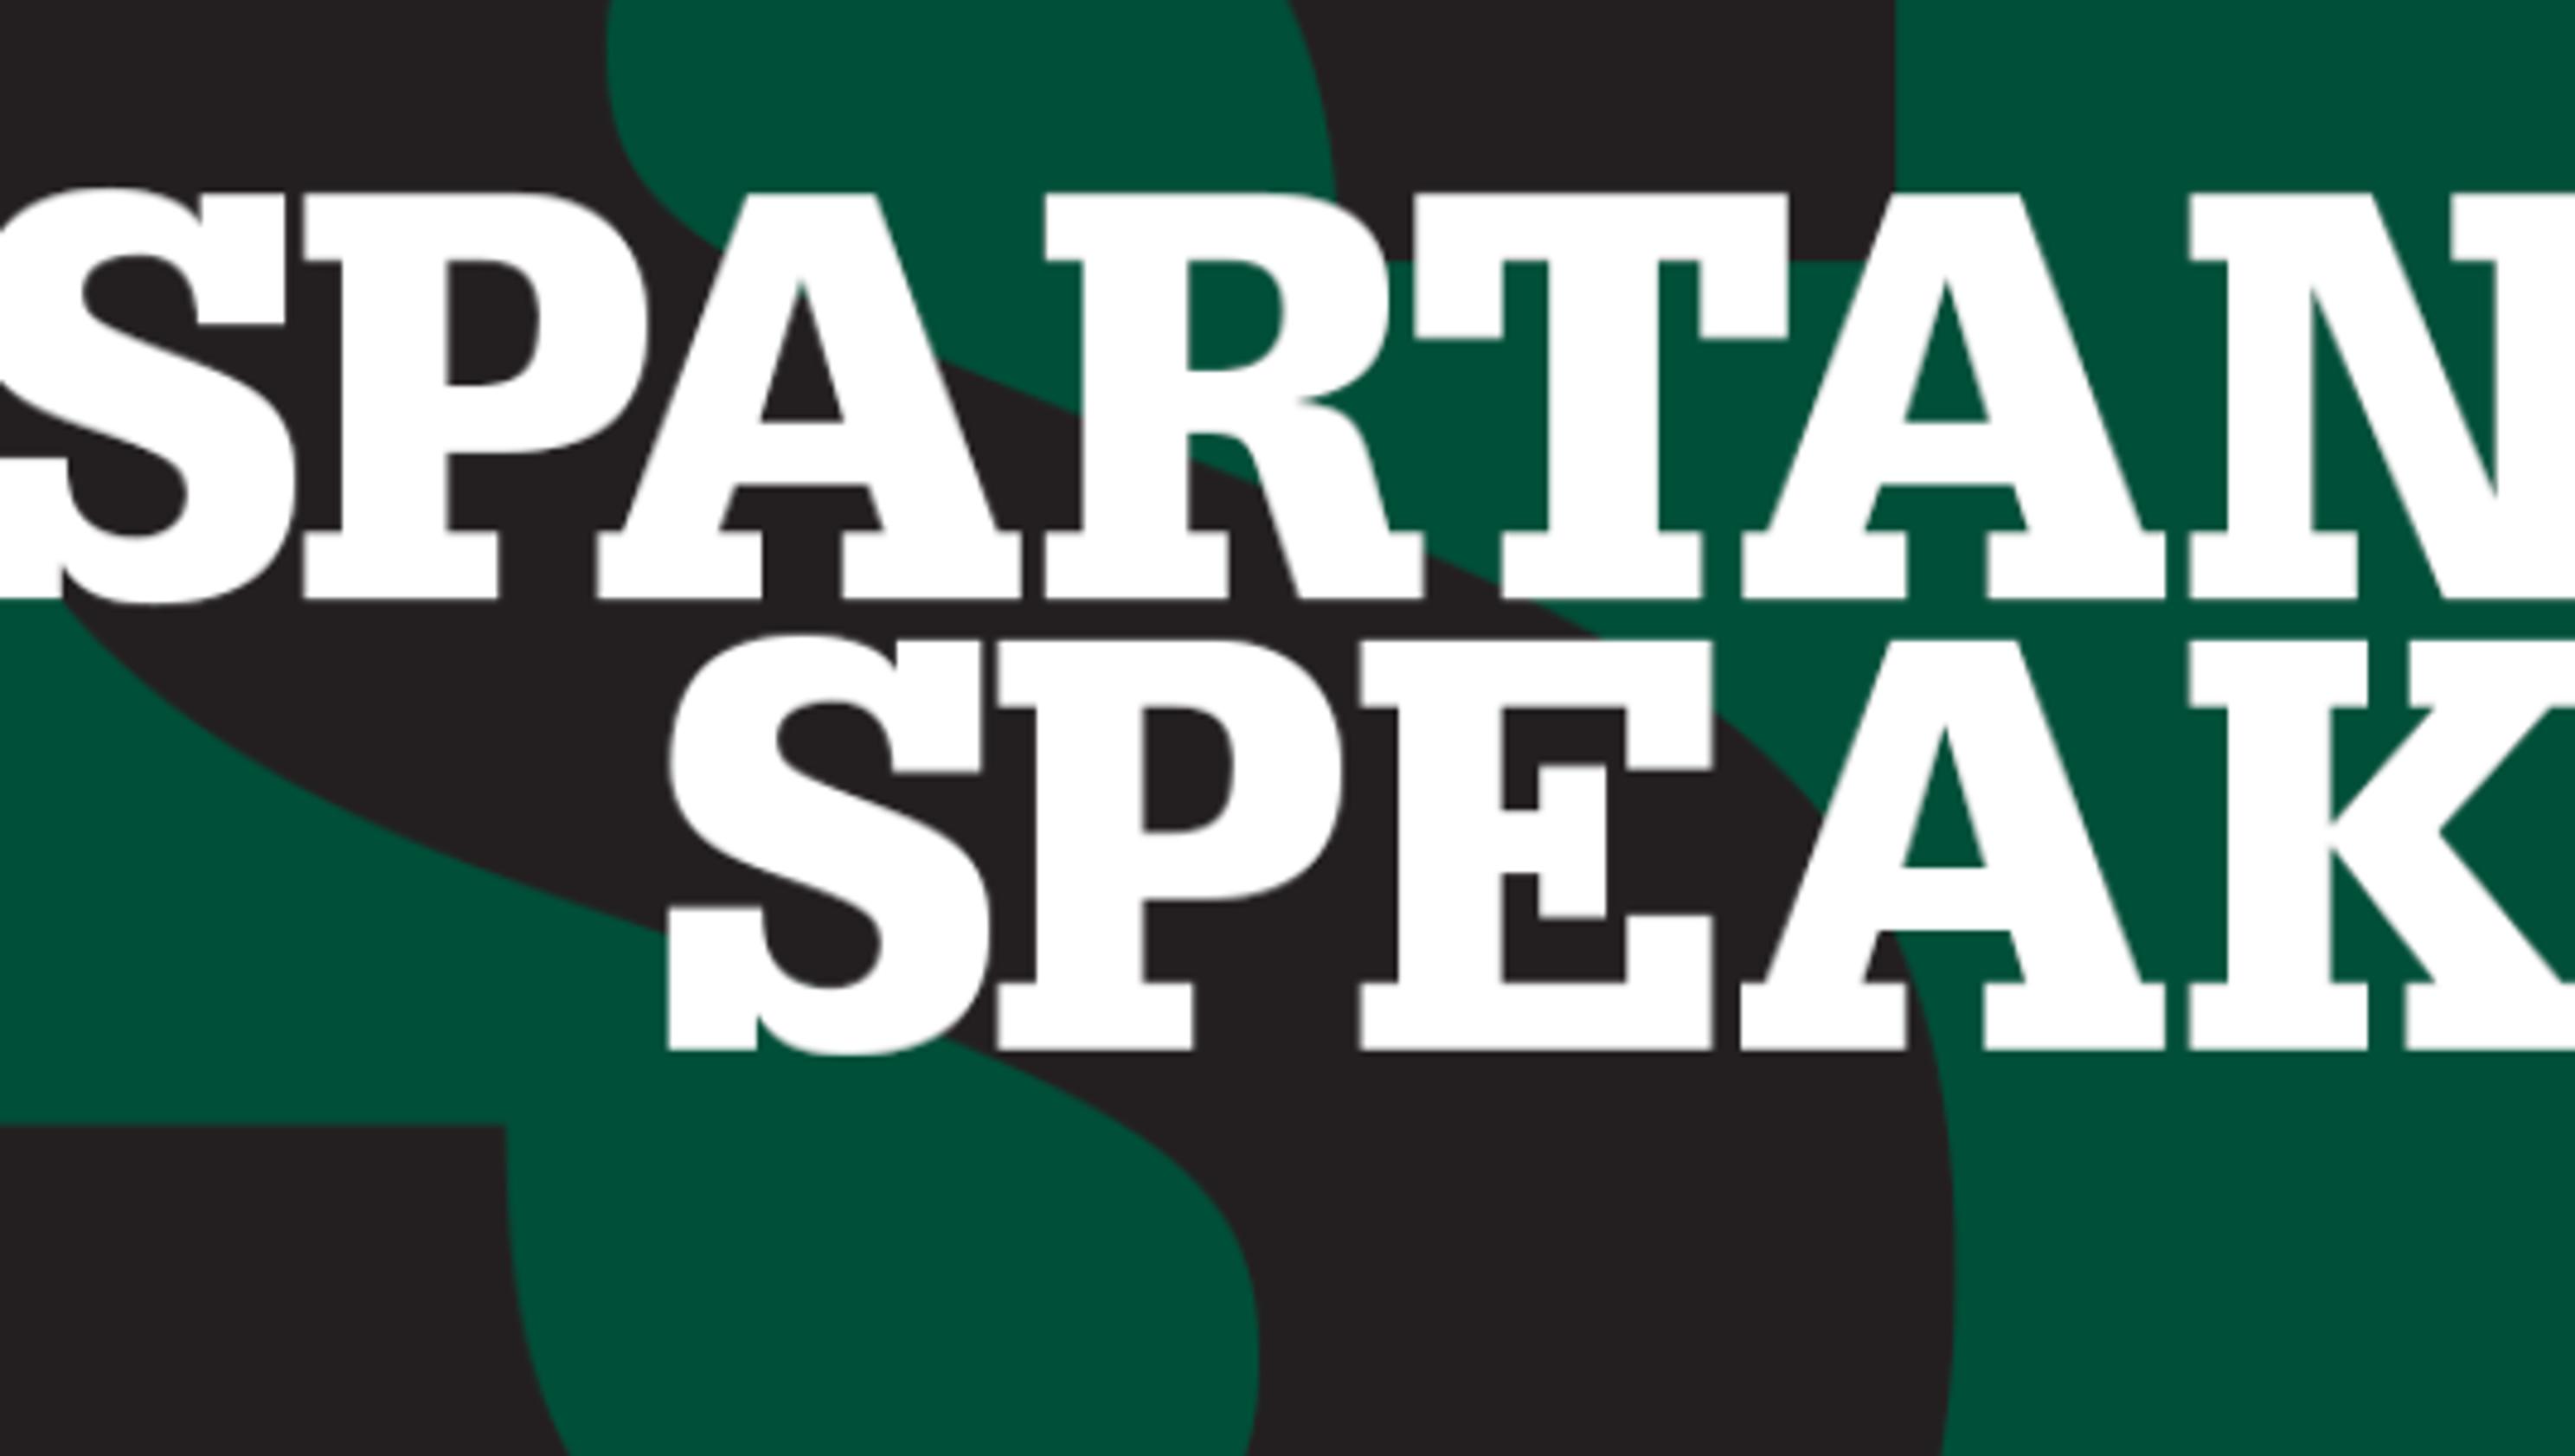 636198336931274716-spartan-speak-logo